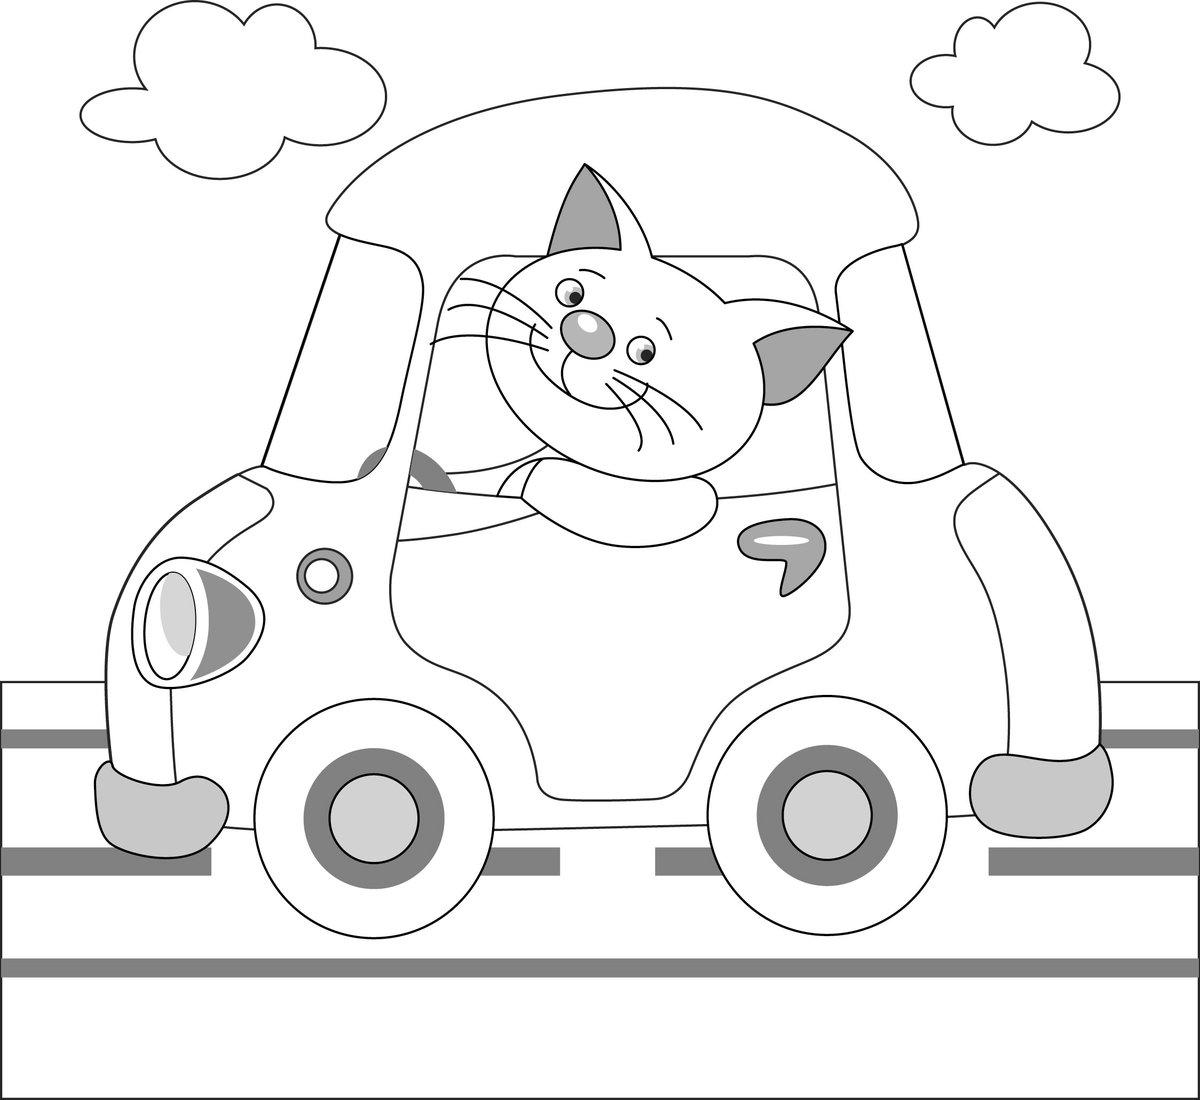 одной картинки для рисования детям распечатать машины для малышей подойдет для детей